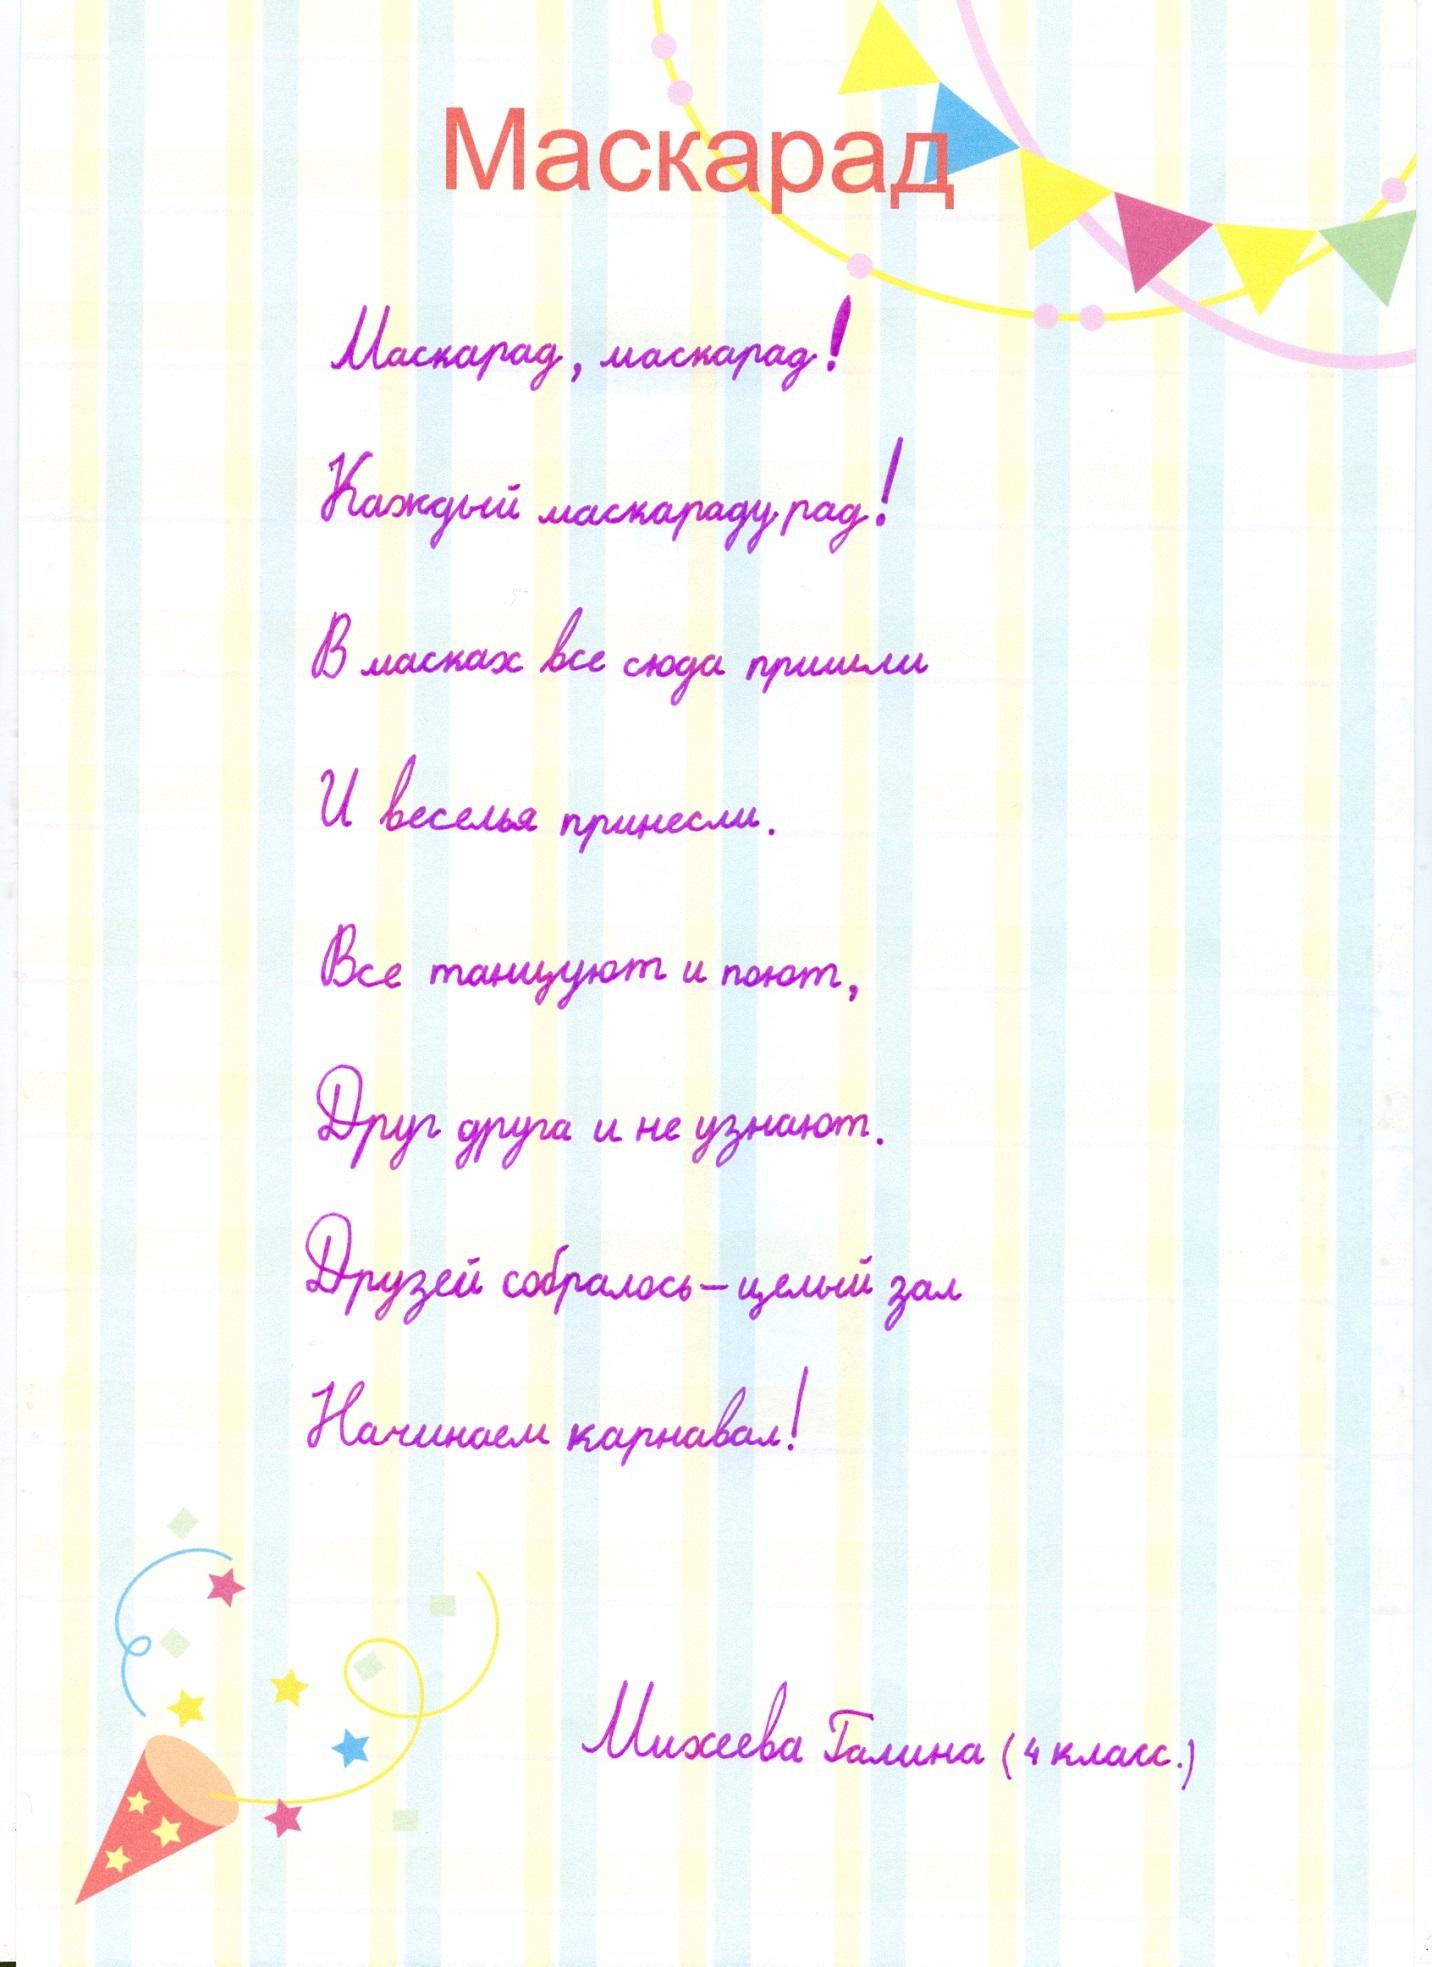 C:\Users\Елена Григорьевна\Pictures\Мои сканированные изображения\сканирование0016.jpg